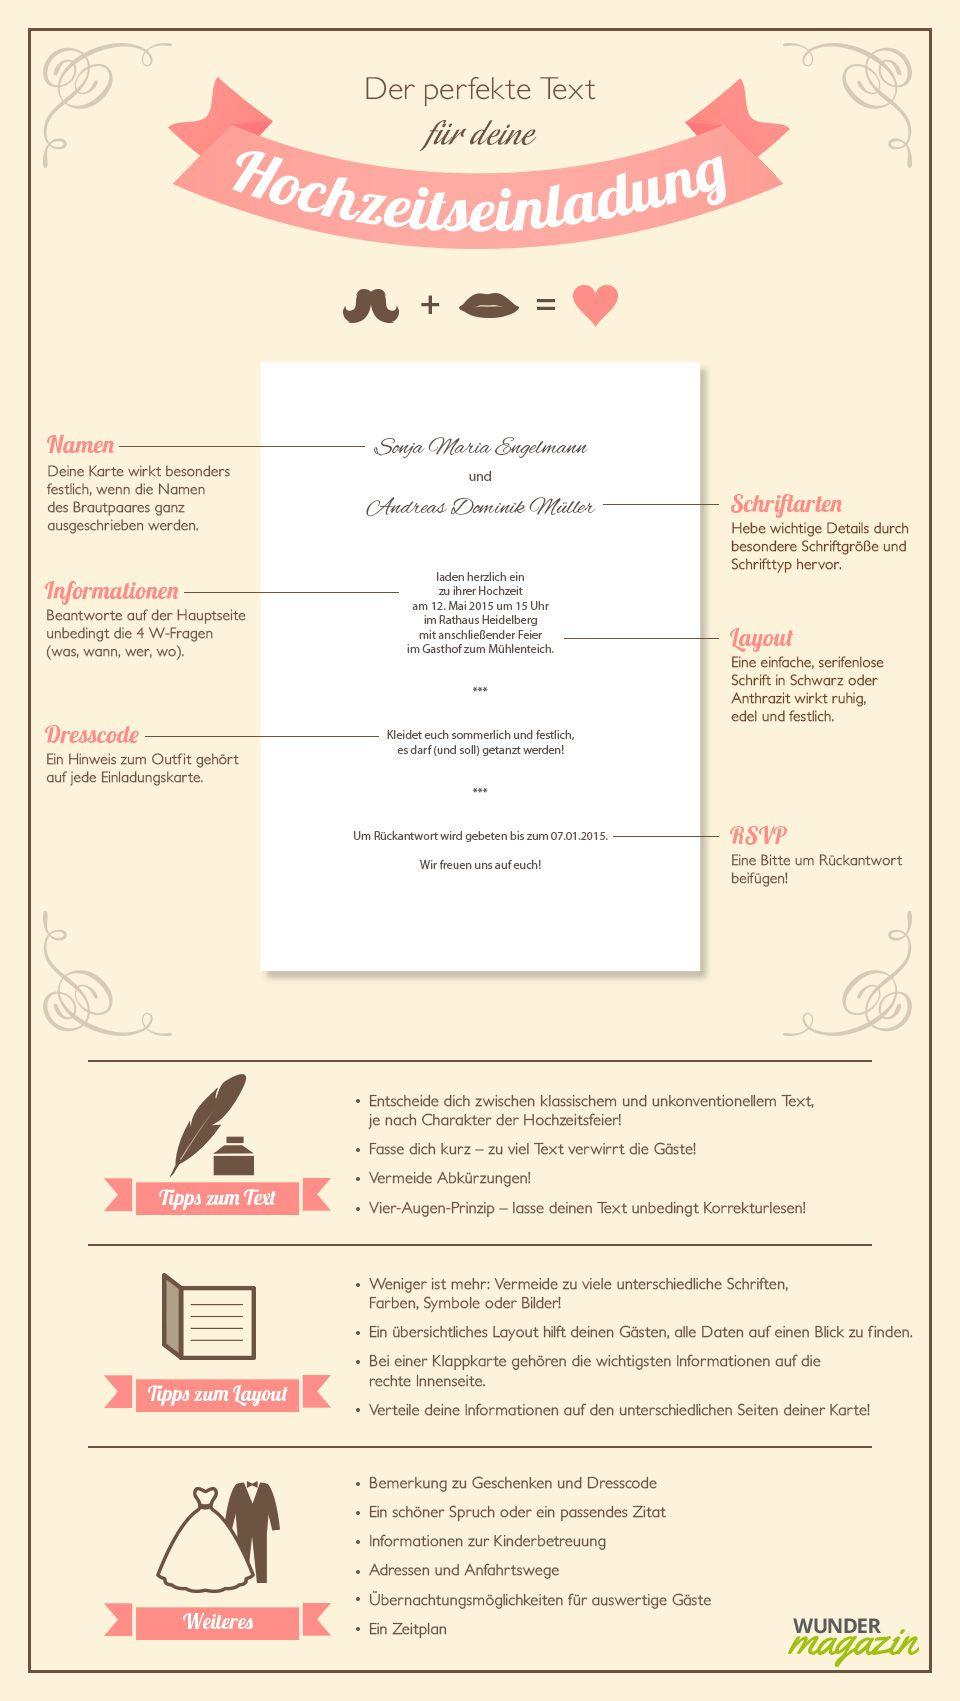 infografik zu hochzeitseinladung text | wedding invitations, Einladung